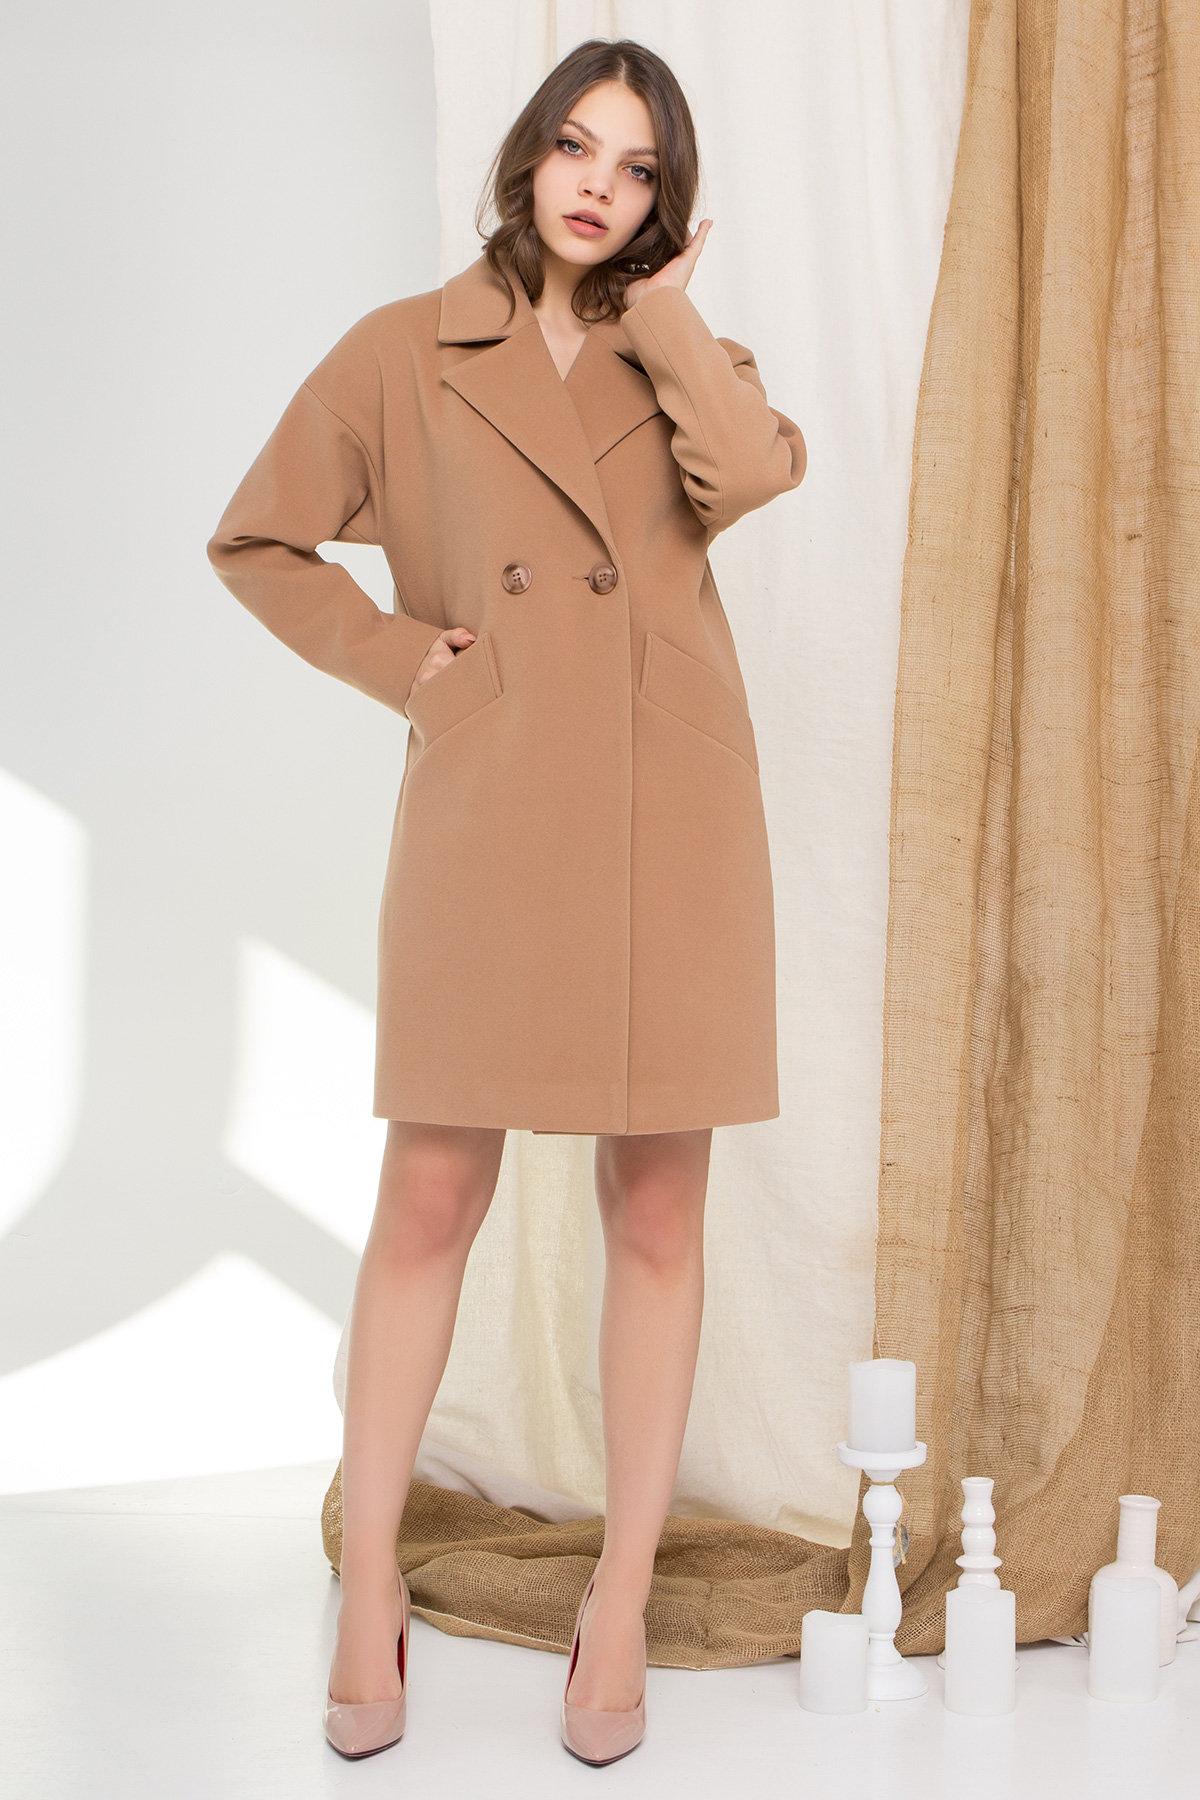 Пальто Сенсей 9006 АРТ. 45318 Цвет: Кемел - фото 3, интернет магазин tm-modus.ru